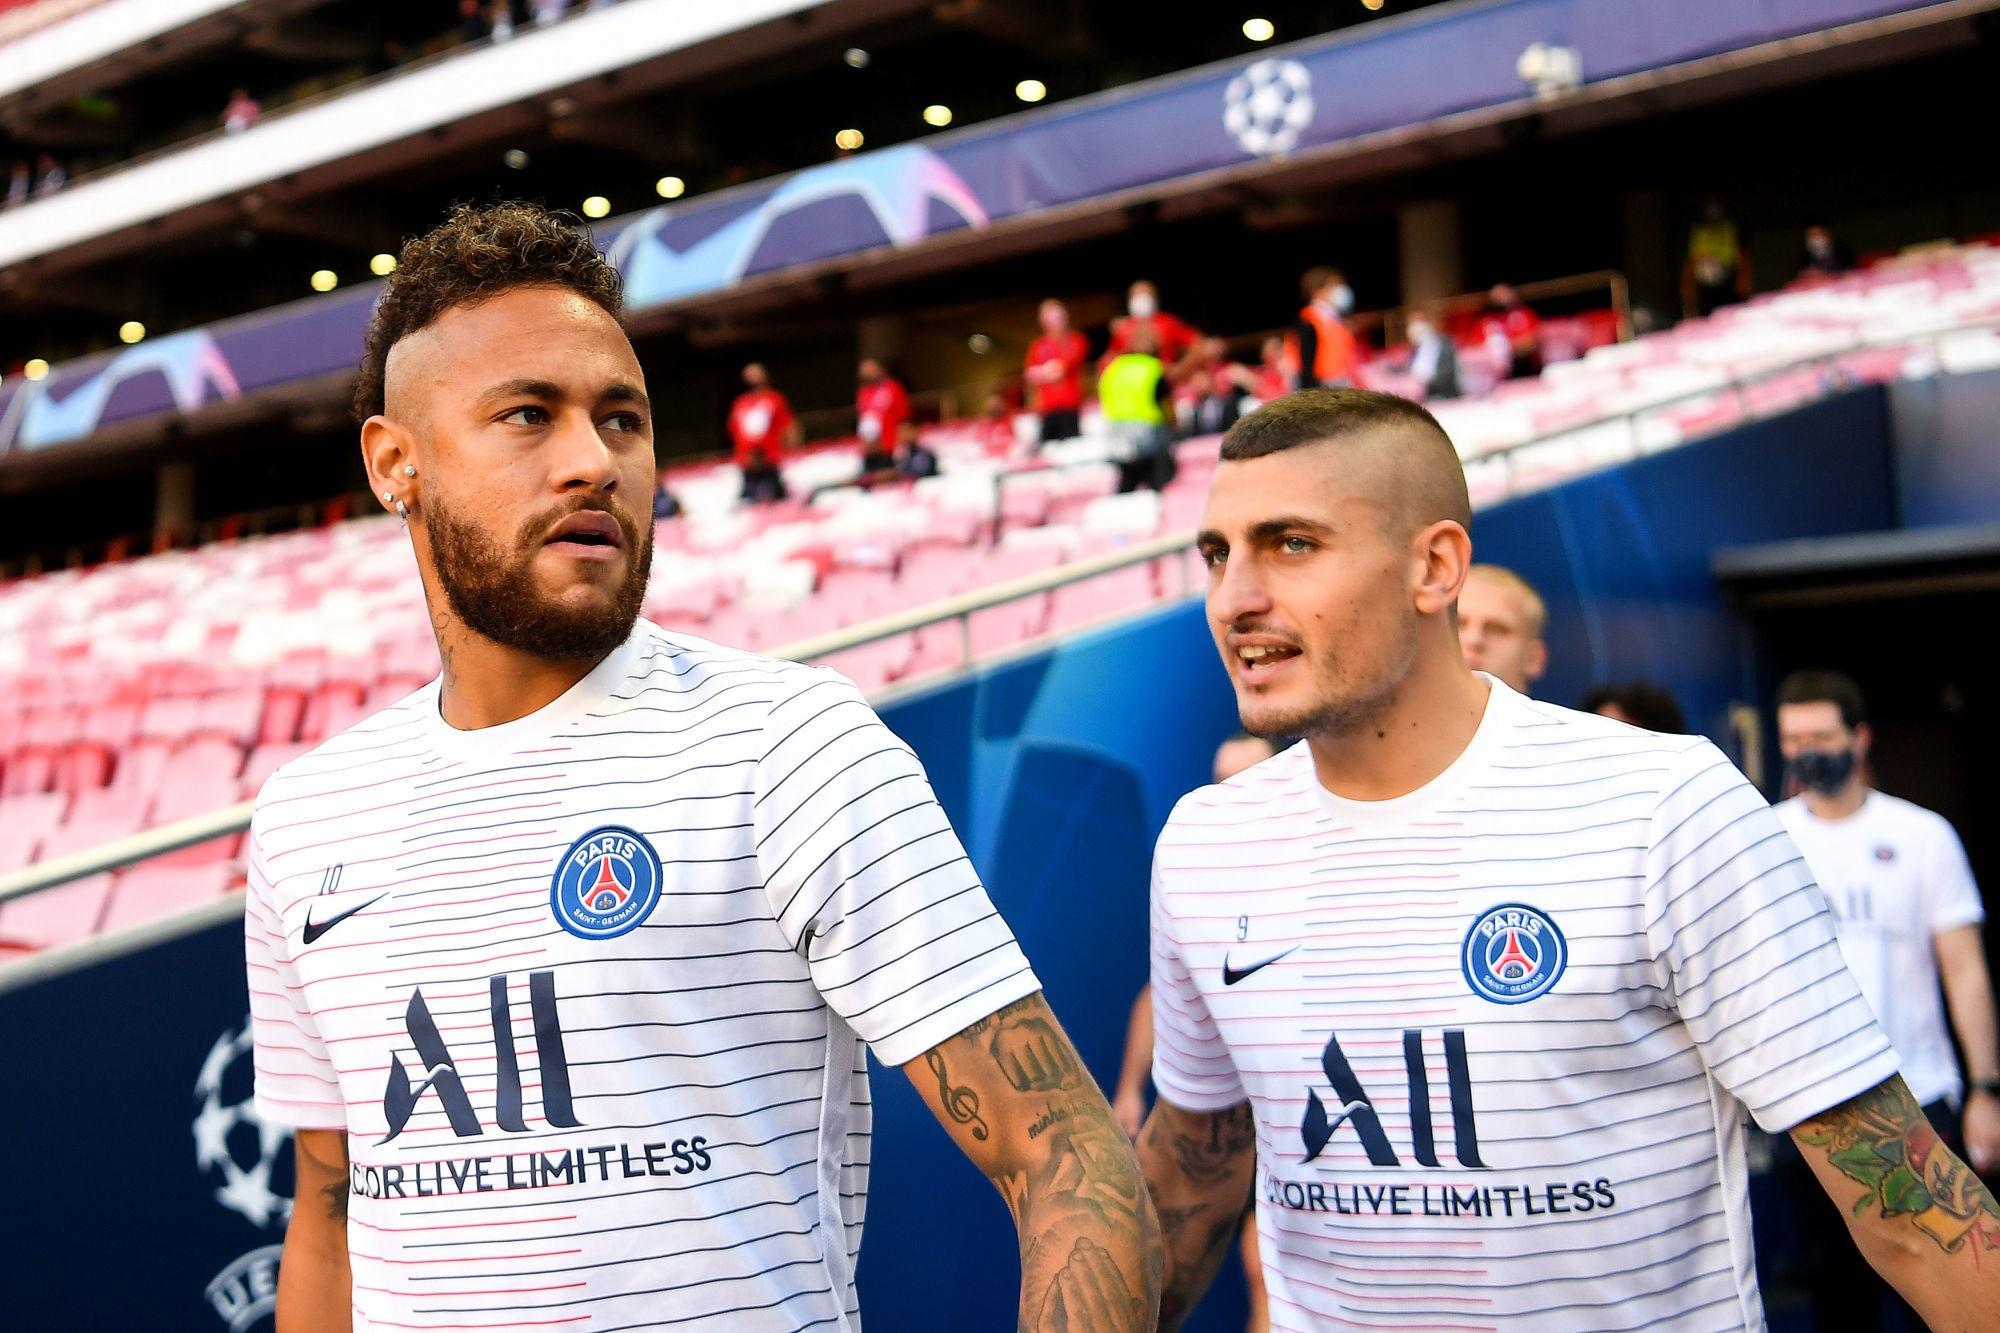 """PSG/Barcelone - Neymar probablement forfait et Verratti sous """"infiltration"""", d'après Le Parisien"""